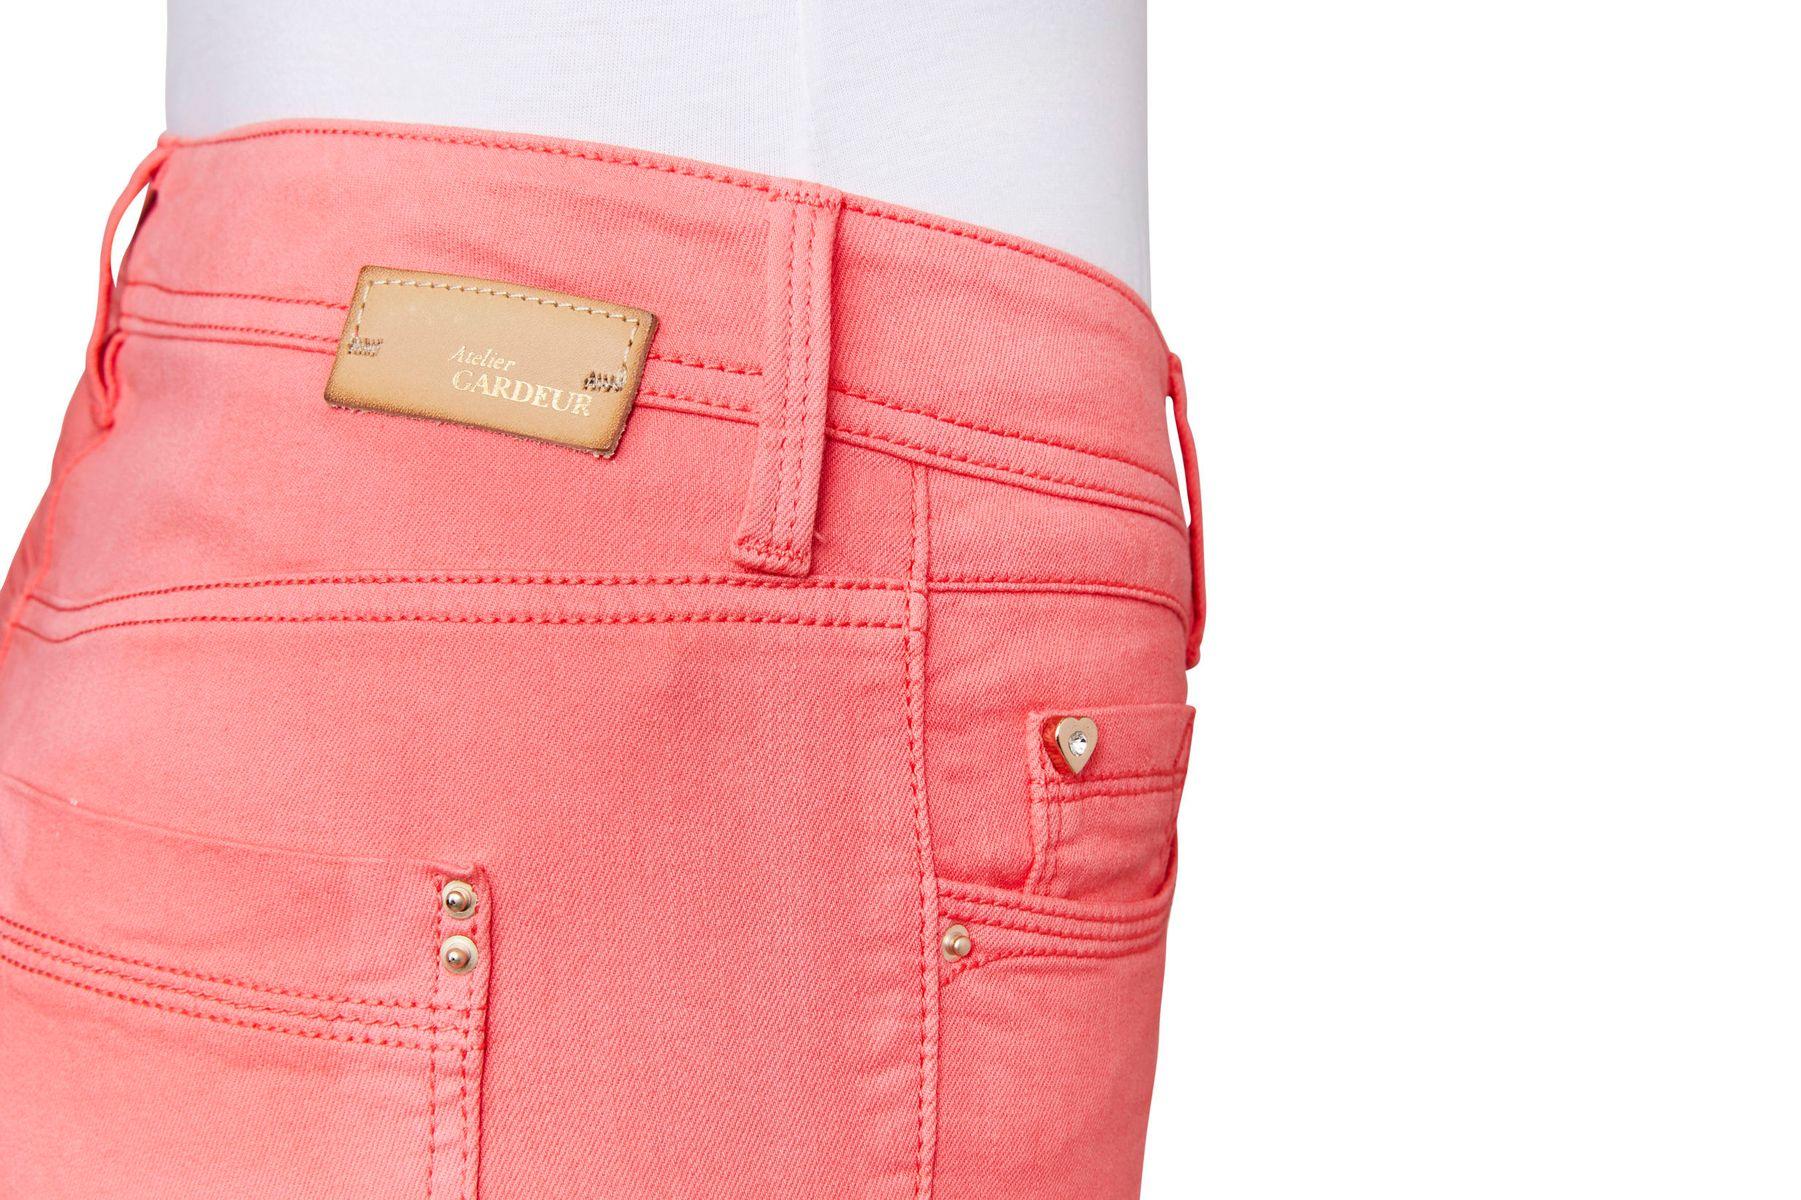 Atelier Gardeur - Slim Fit - Damen 5-Pocket Jeans, Zuri108 (080421) – Bild 12